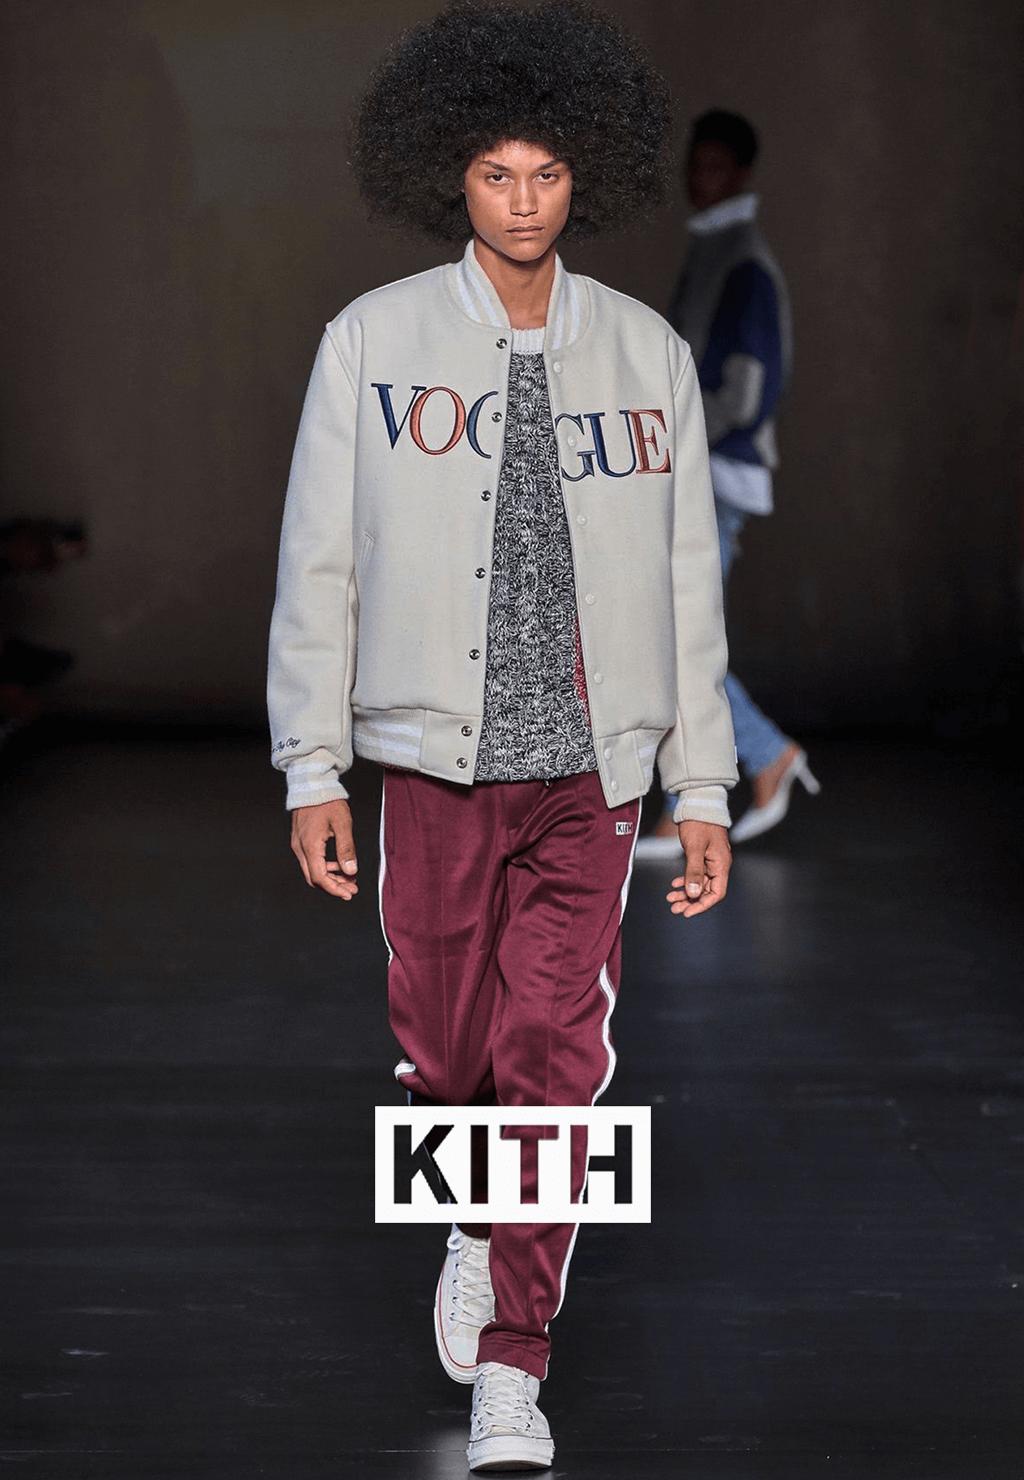 Joaquim Kith SS20 NYFW